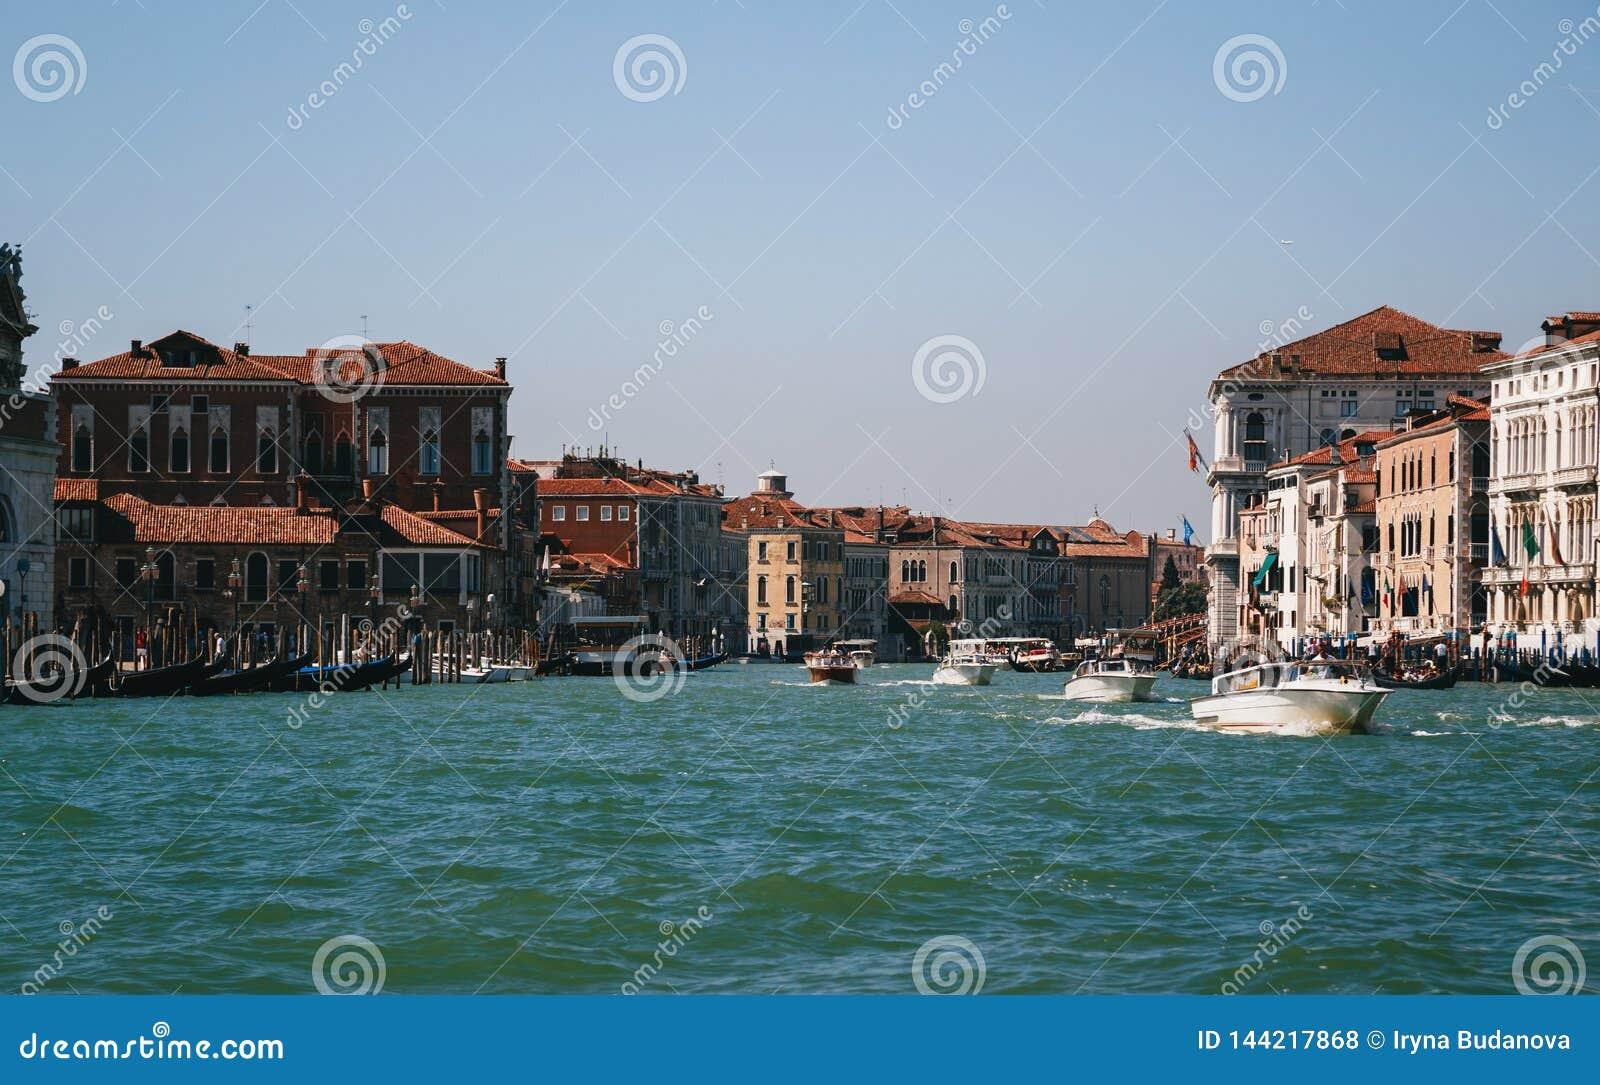 Η είσοδος στο μεγάλο κανάλι στη Βενετία, άποψη από τη βάρκα Ιταλία, θερινός χρόνος, έννοια ταξιδιού